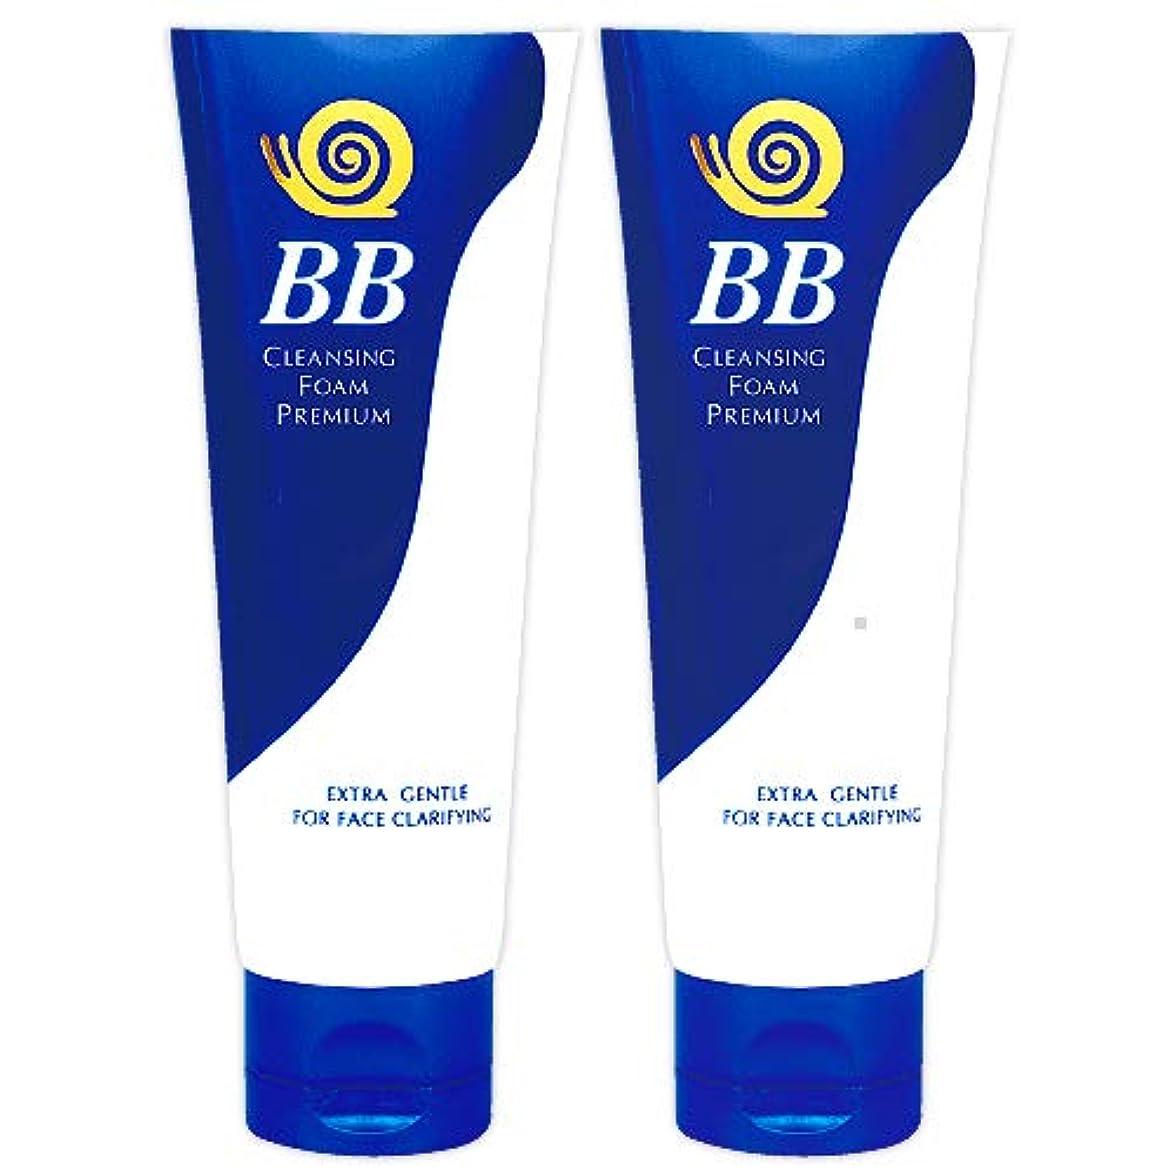 ポテト公然と計算可能B&S 極上 かたつむり BB 洗顔フォーム (プレミアム) 100g 2個 セット [並行輸入品]